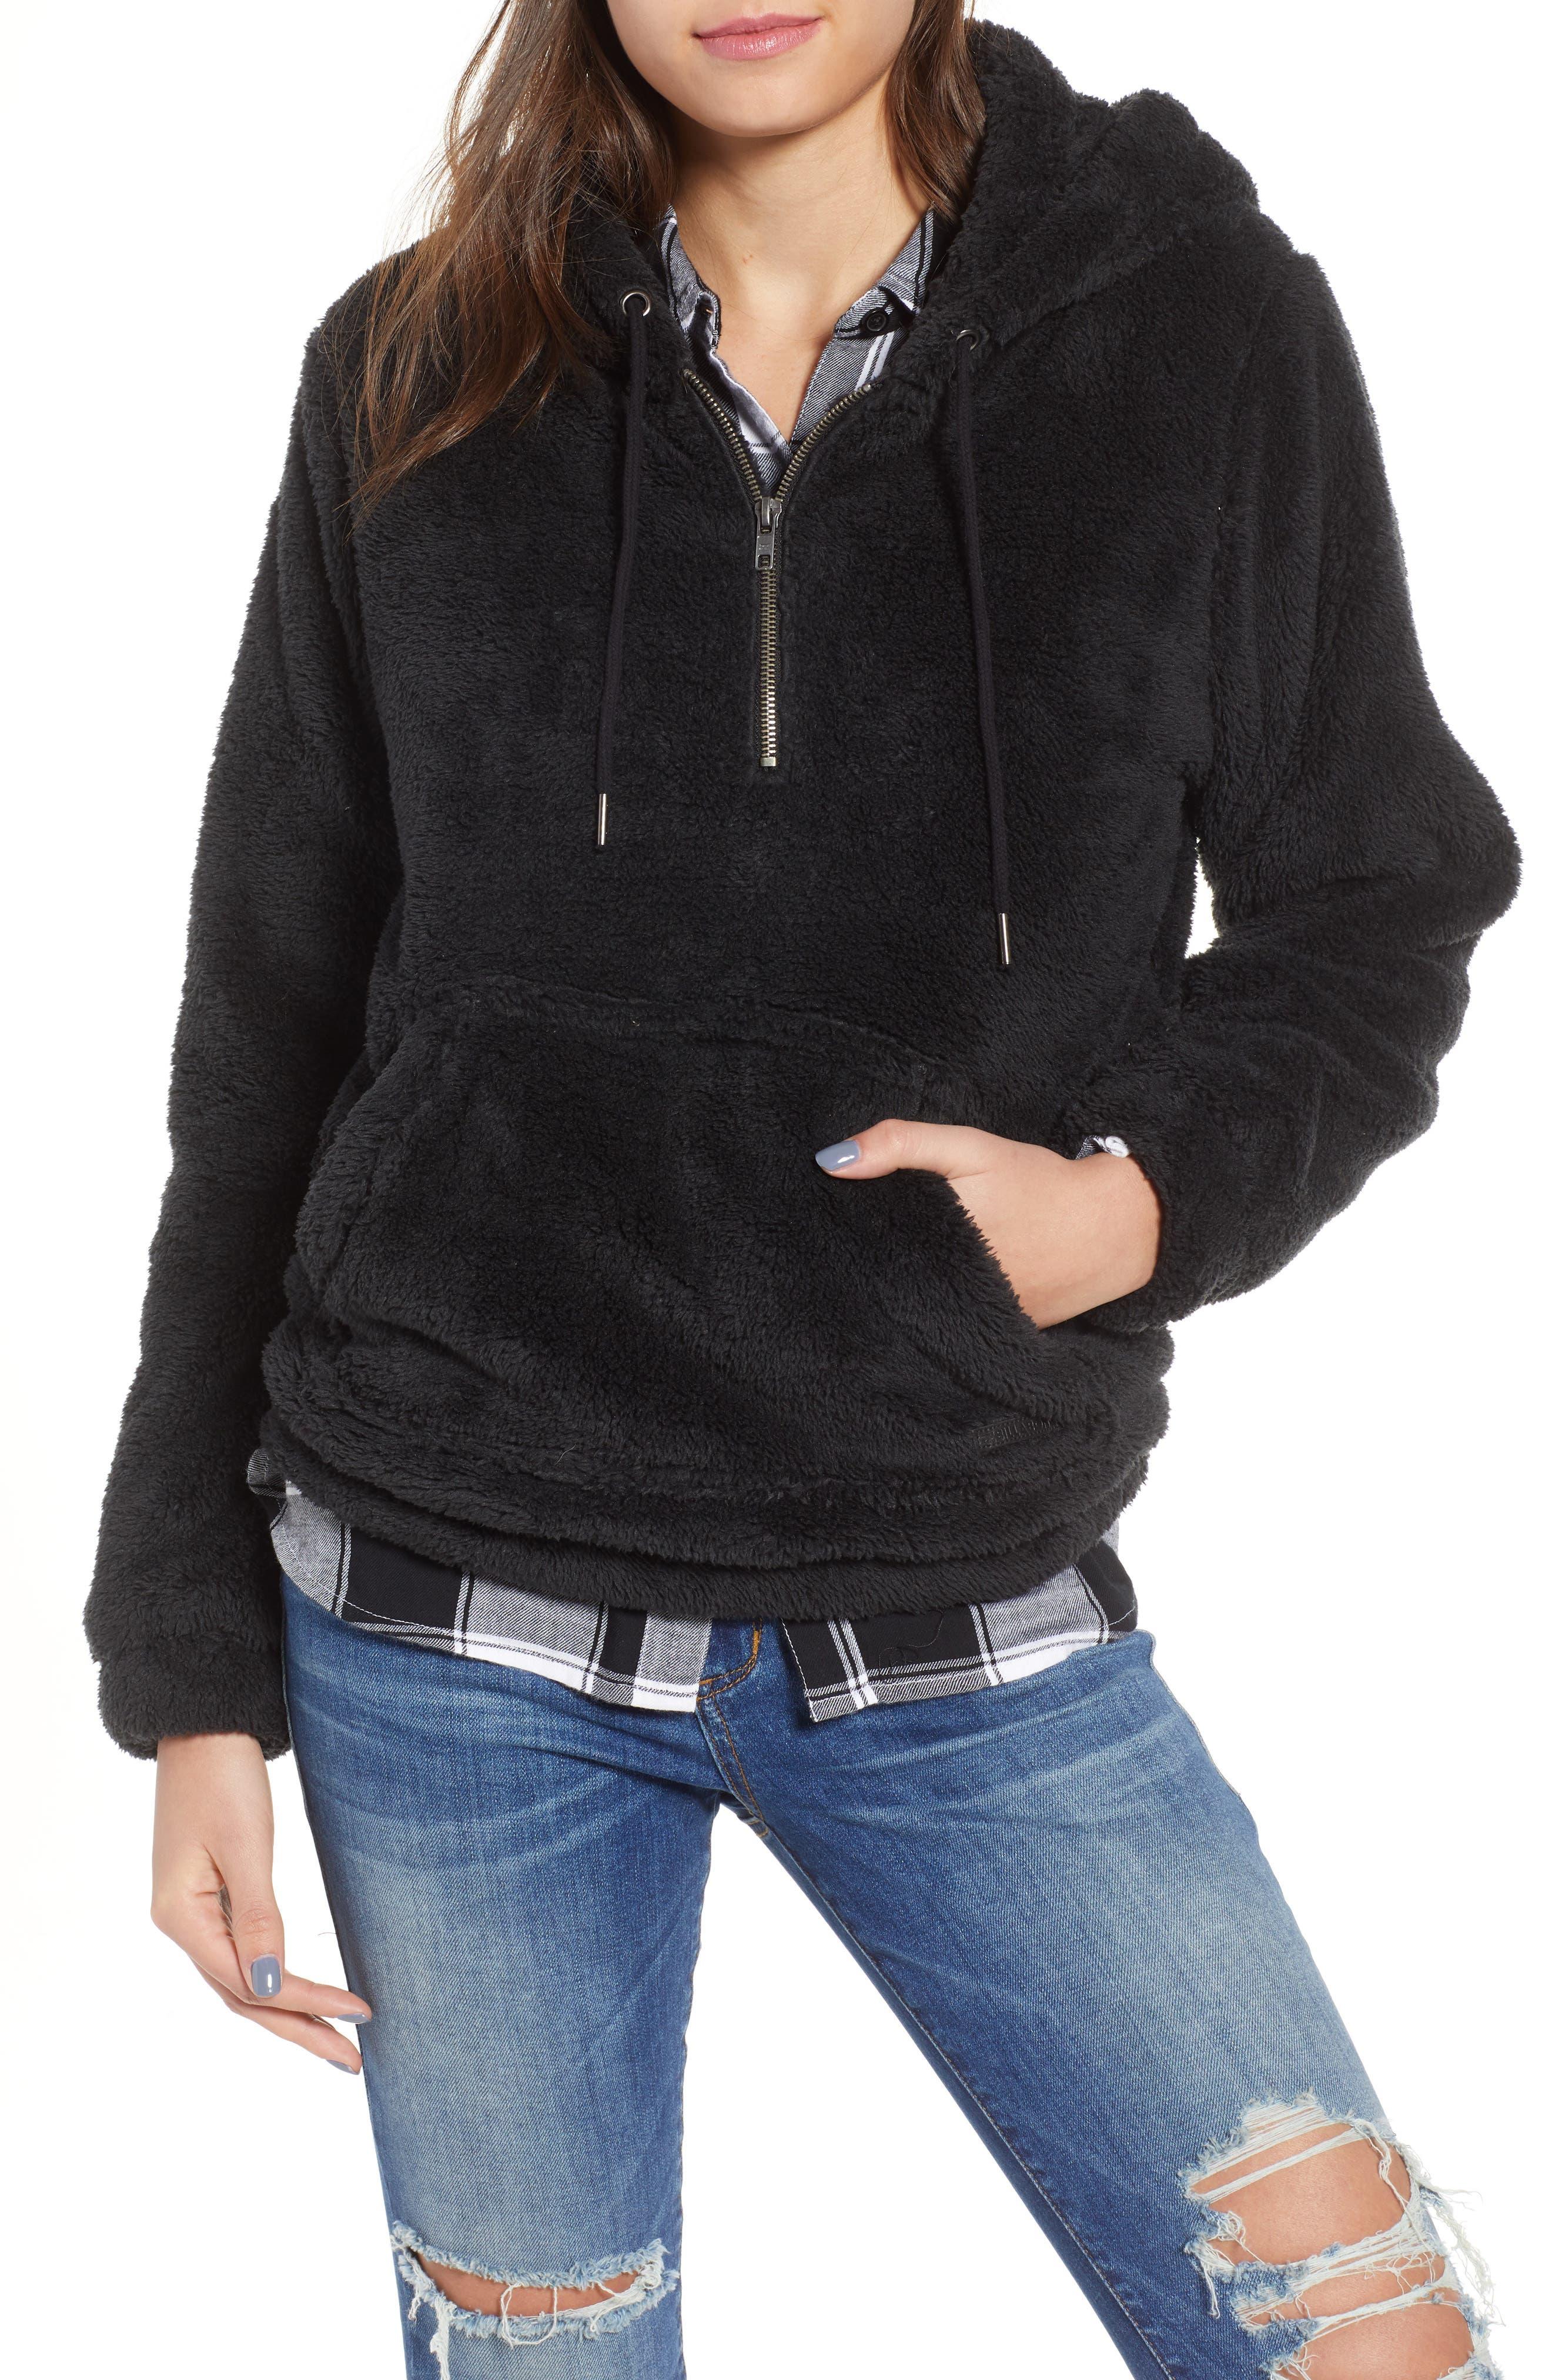 BILLABONG Cozy For Keeps Fleece Pullover, Main, color, 001